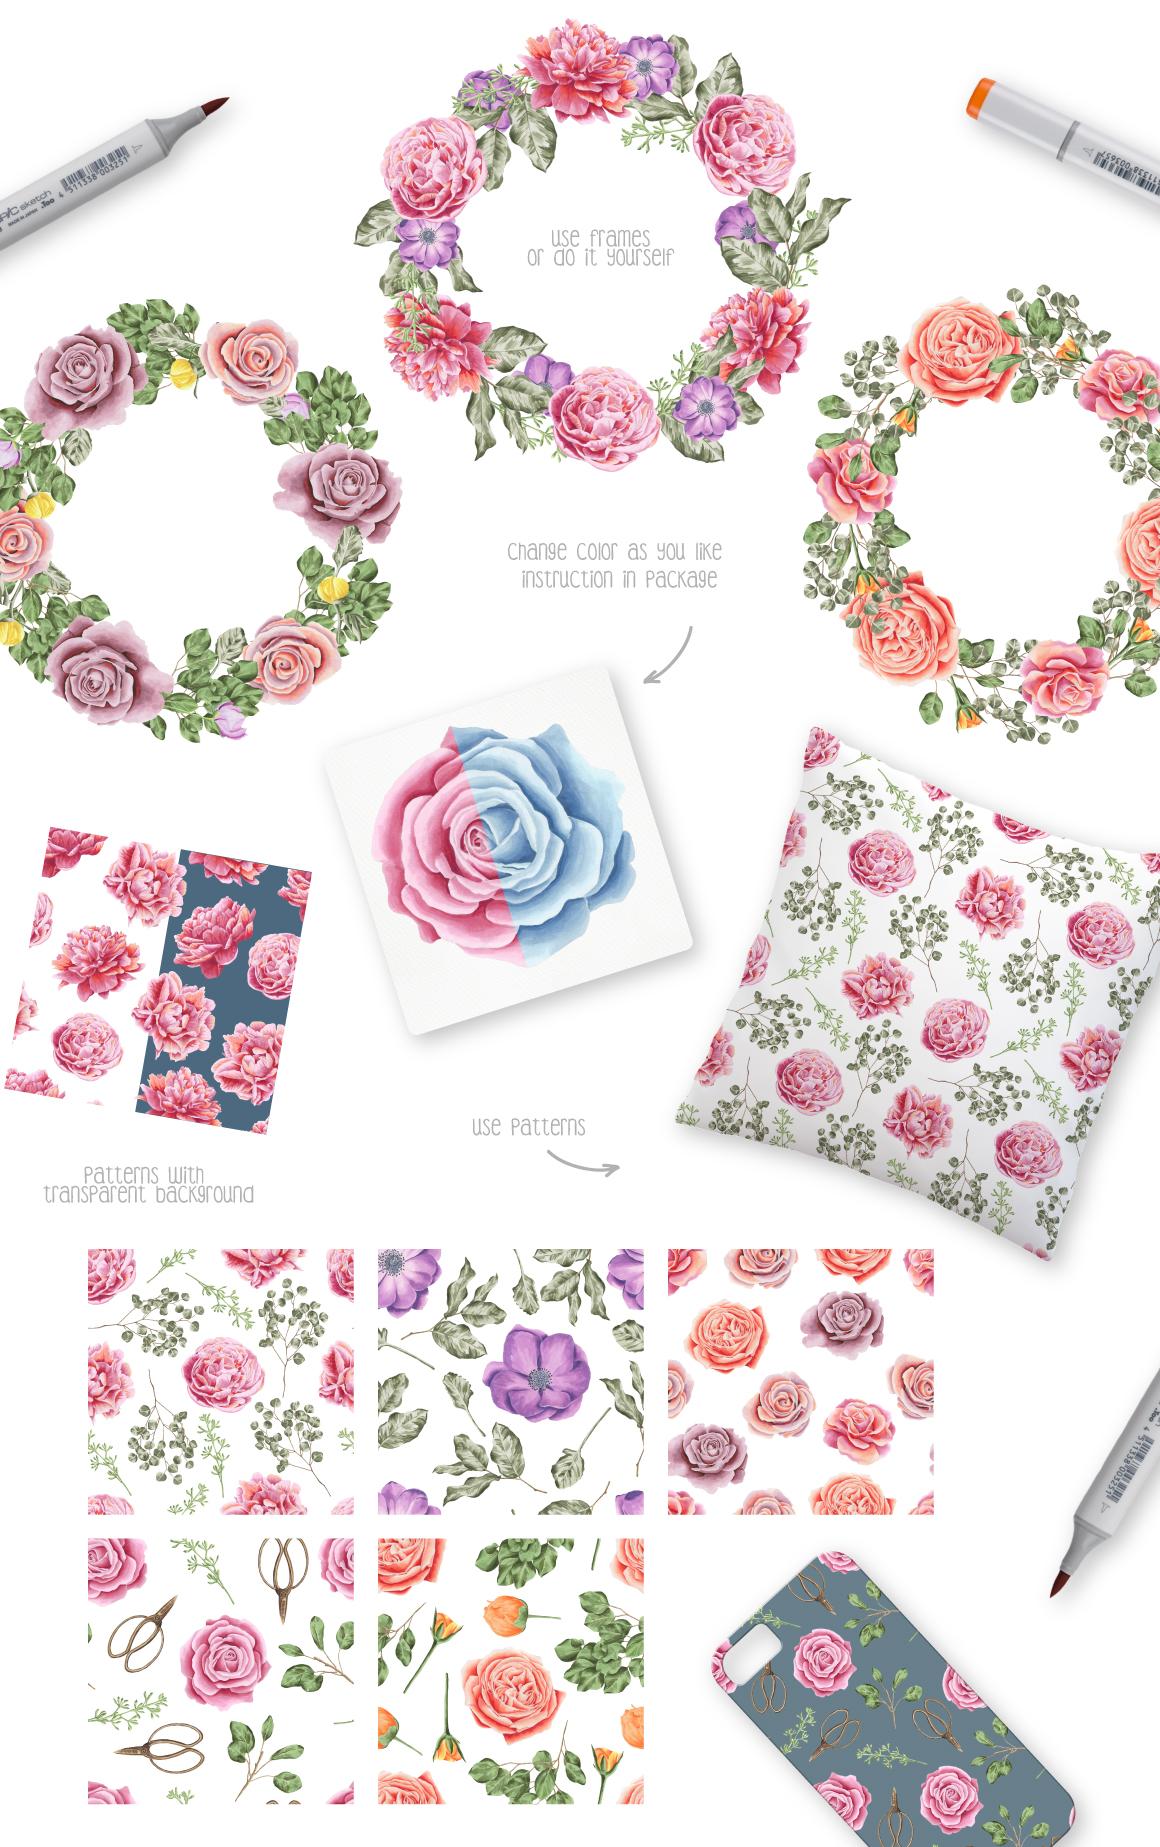 33款高清玫瑰牡丹海葵花卉花圈水彩剪贴画图片素材 Flower Marker Collection插图(2)